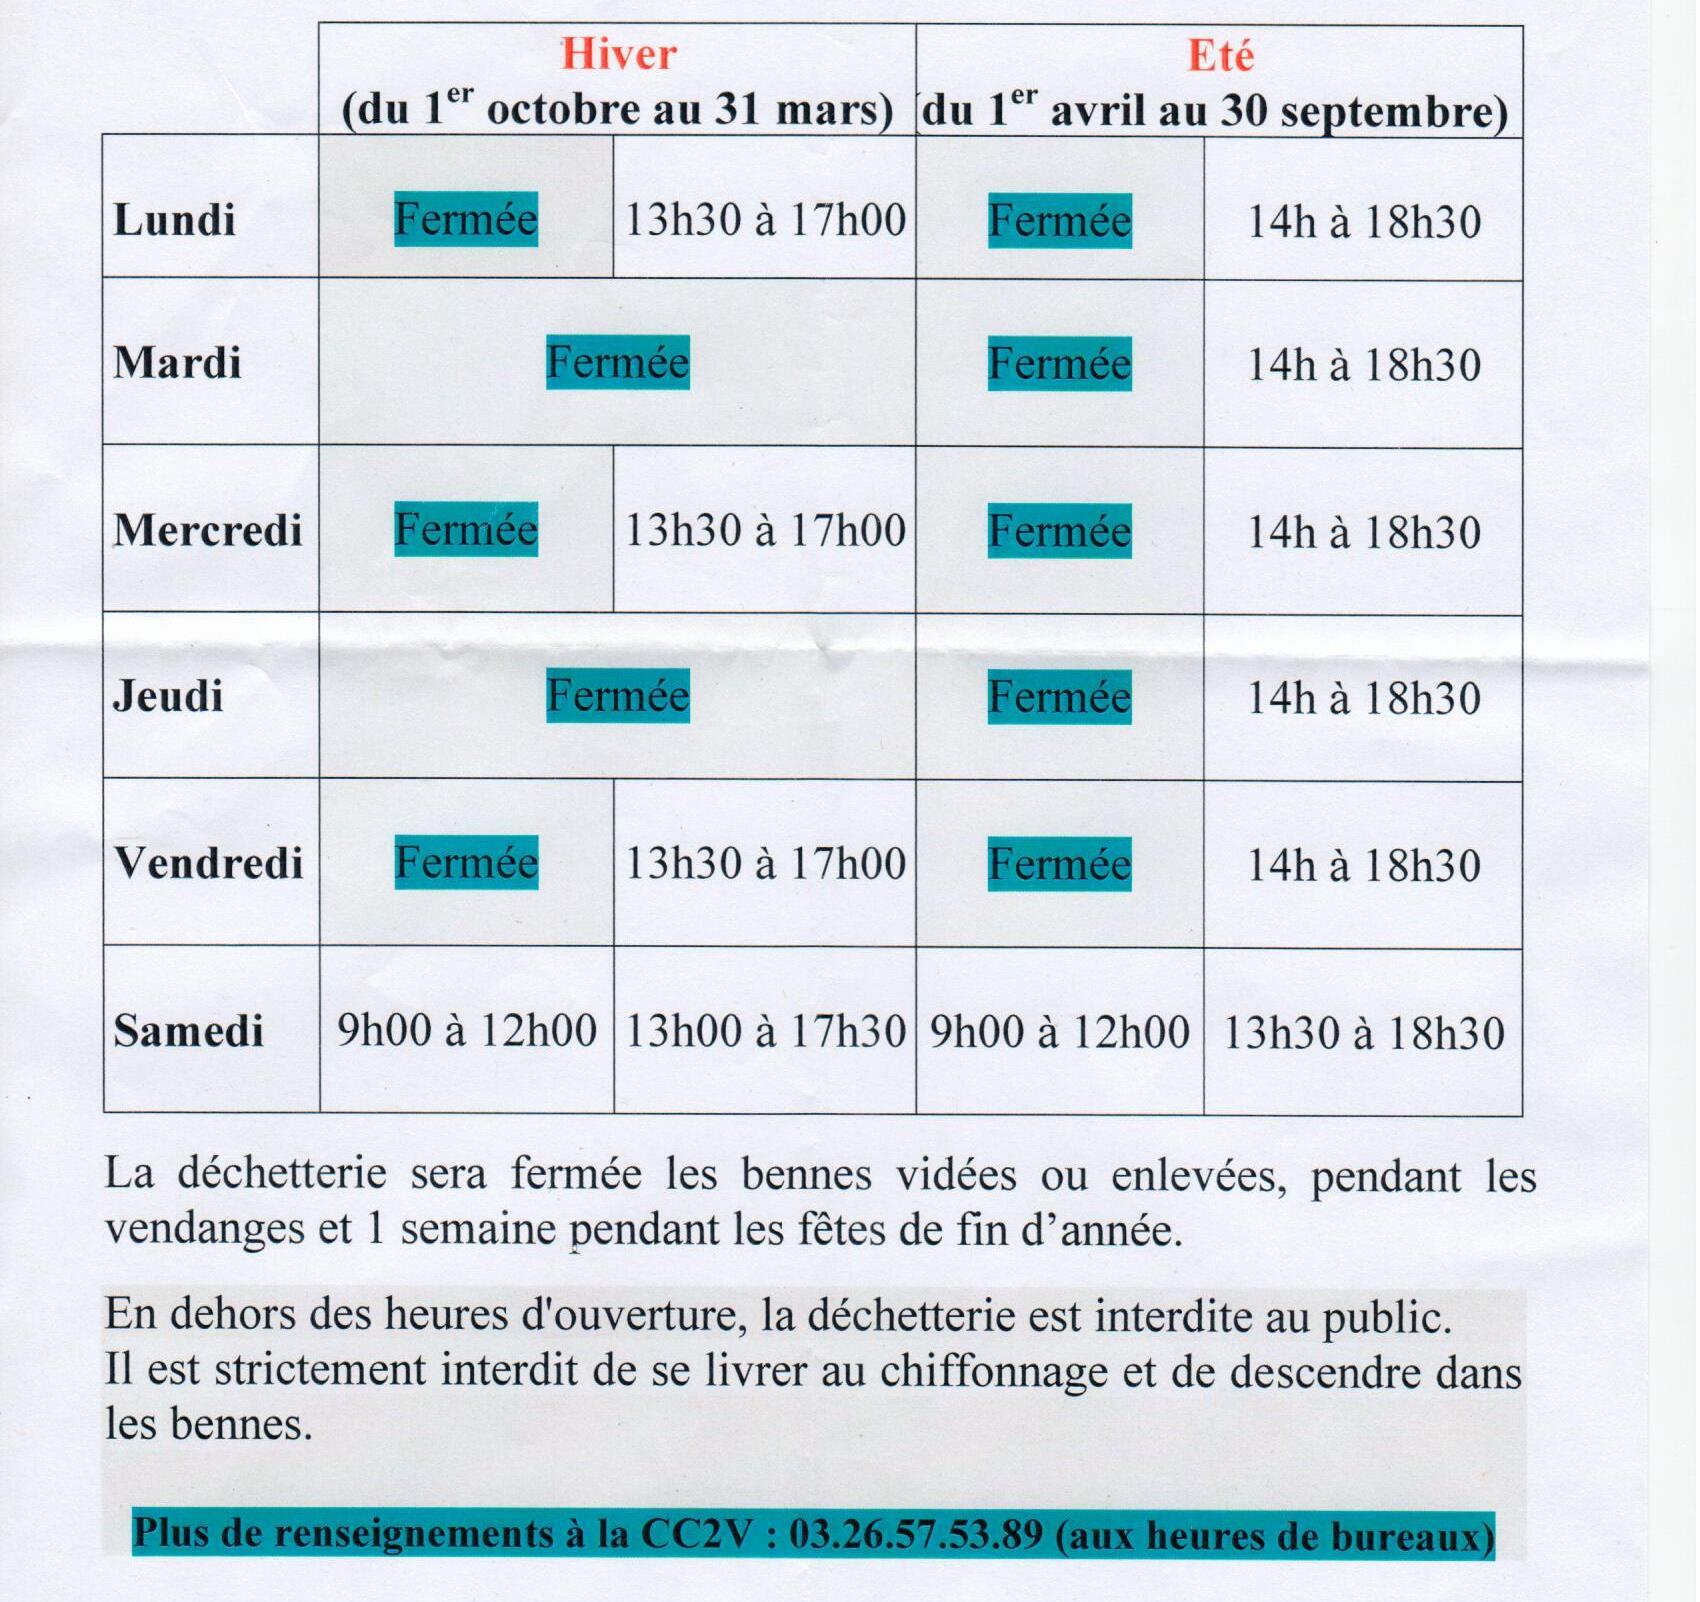 horaires-dechetterie-communaute-communes-des-2vallees